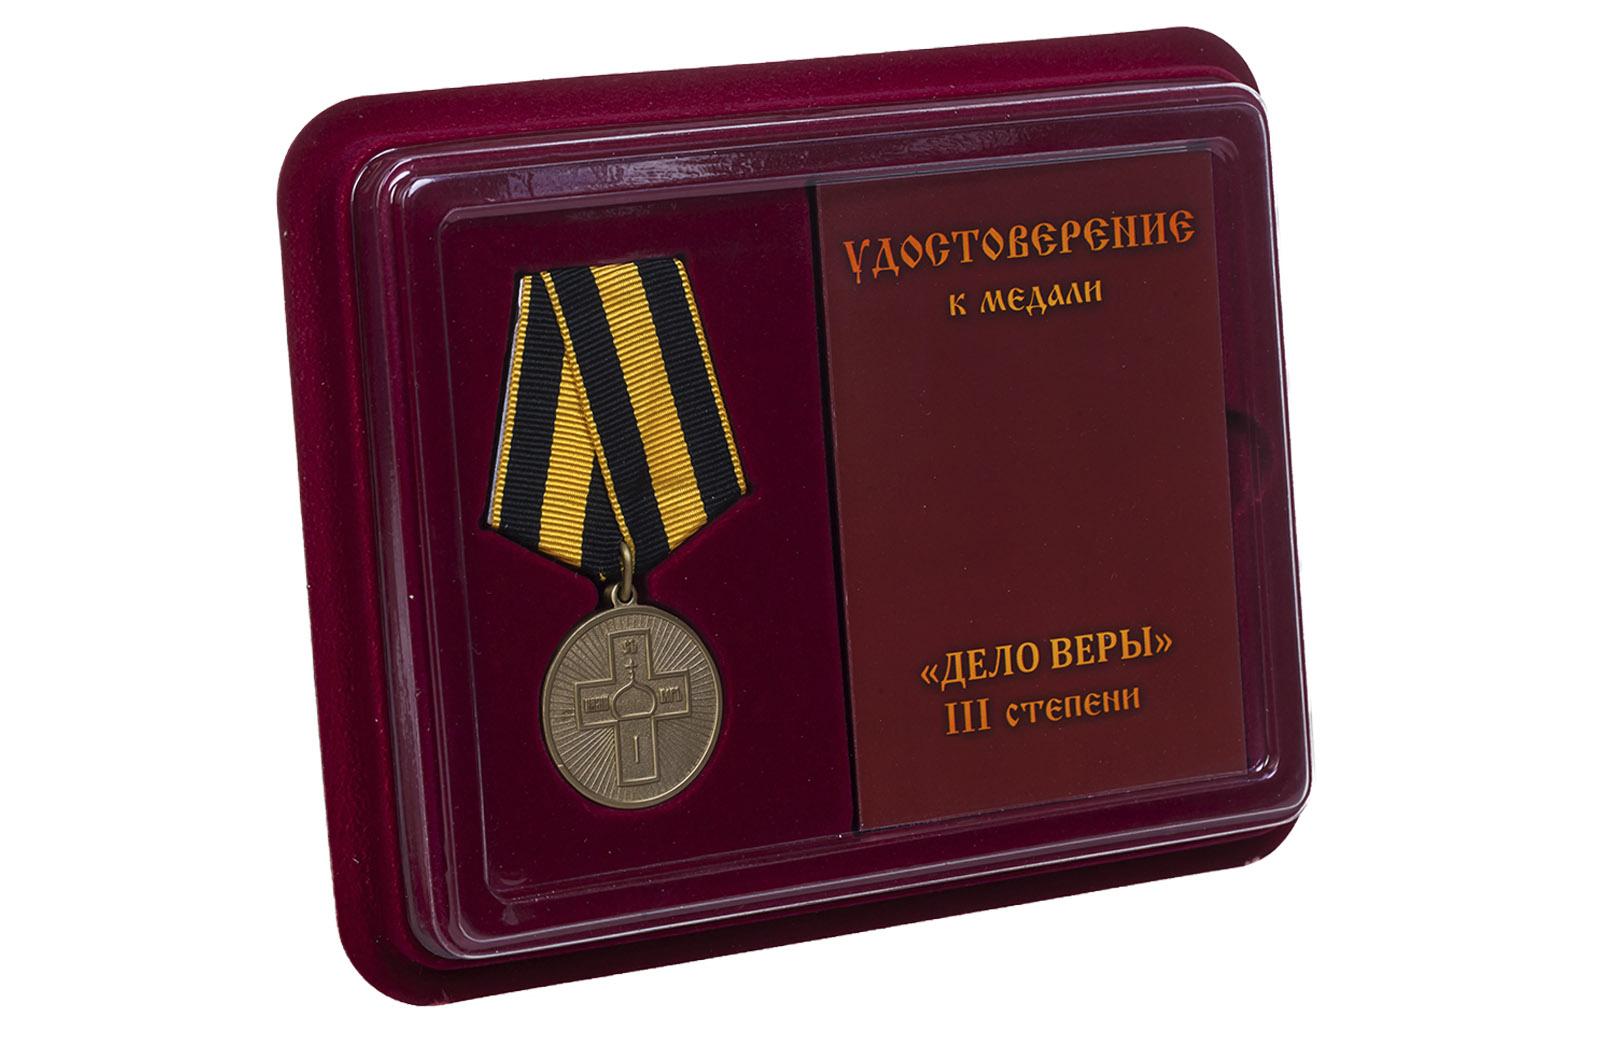 Купить православную медаль Дело Веры 3 степени в подарок другу